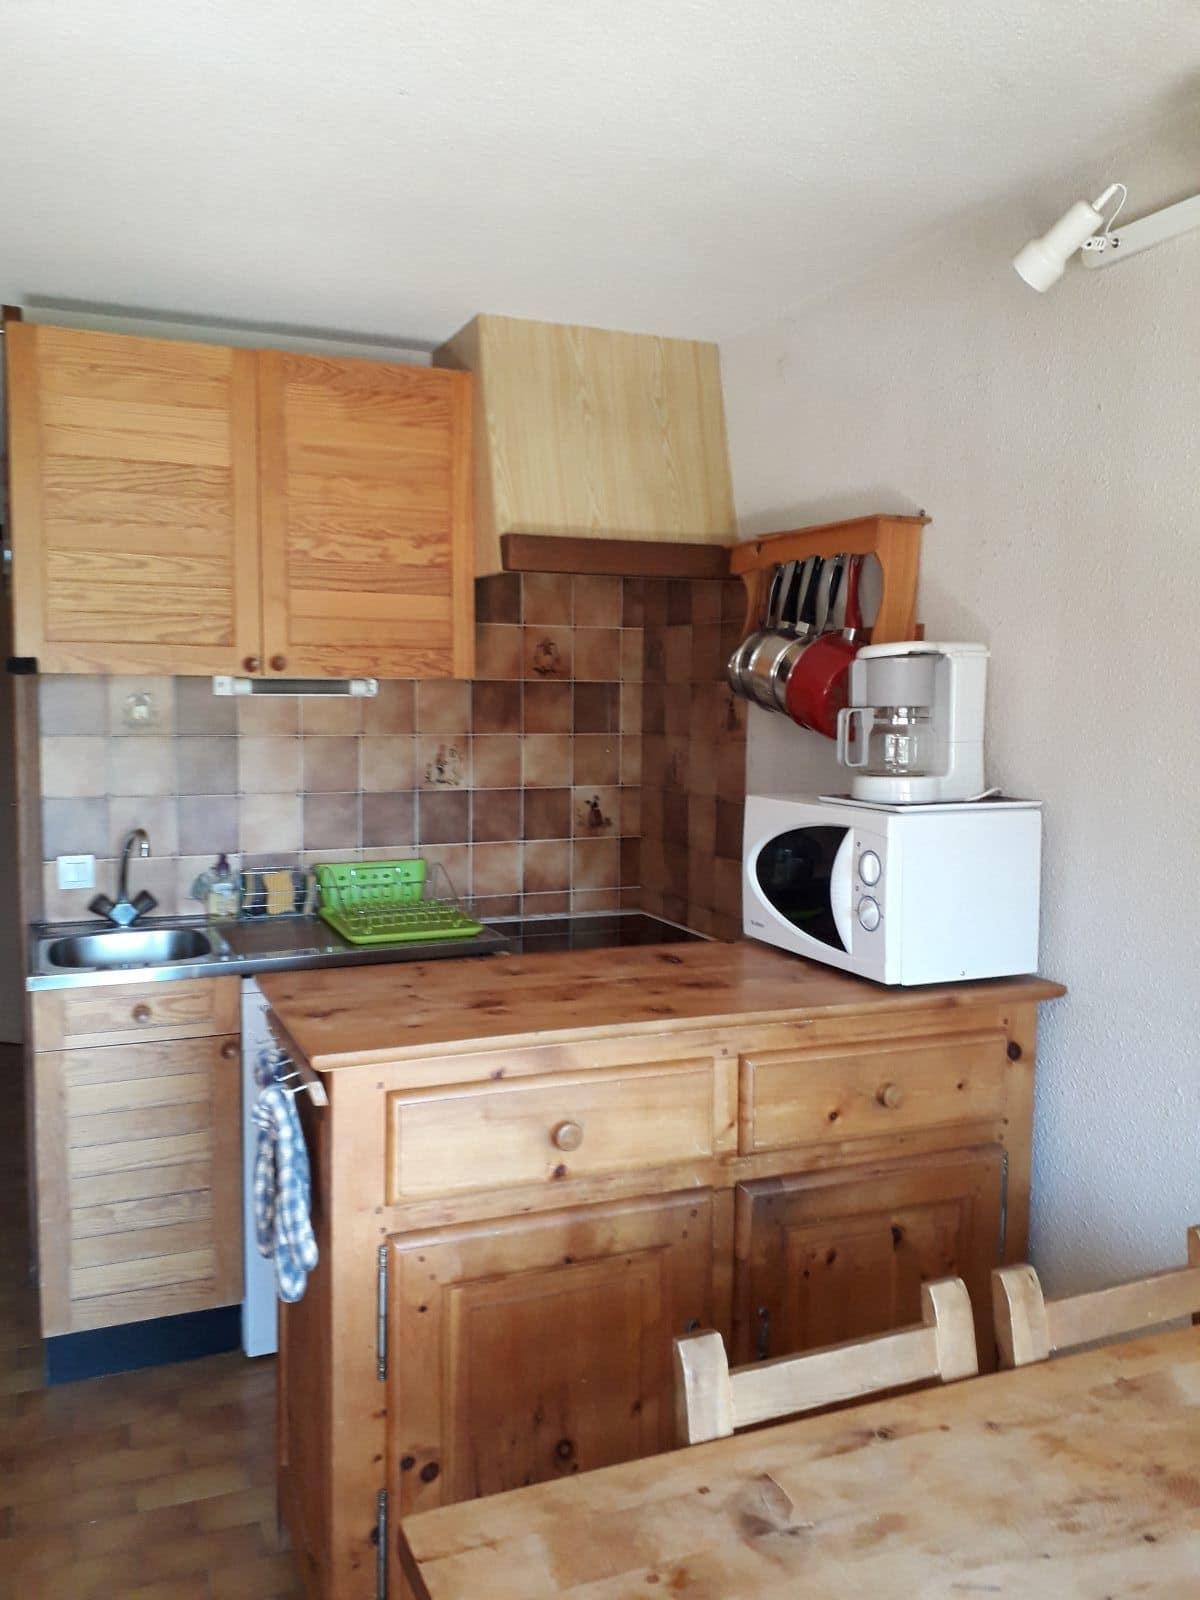 cuisine - ANCELLE T2 DUPLEX DE 35 m² (5/6 COUCHAGES) LES TAILLAS